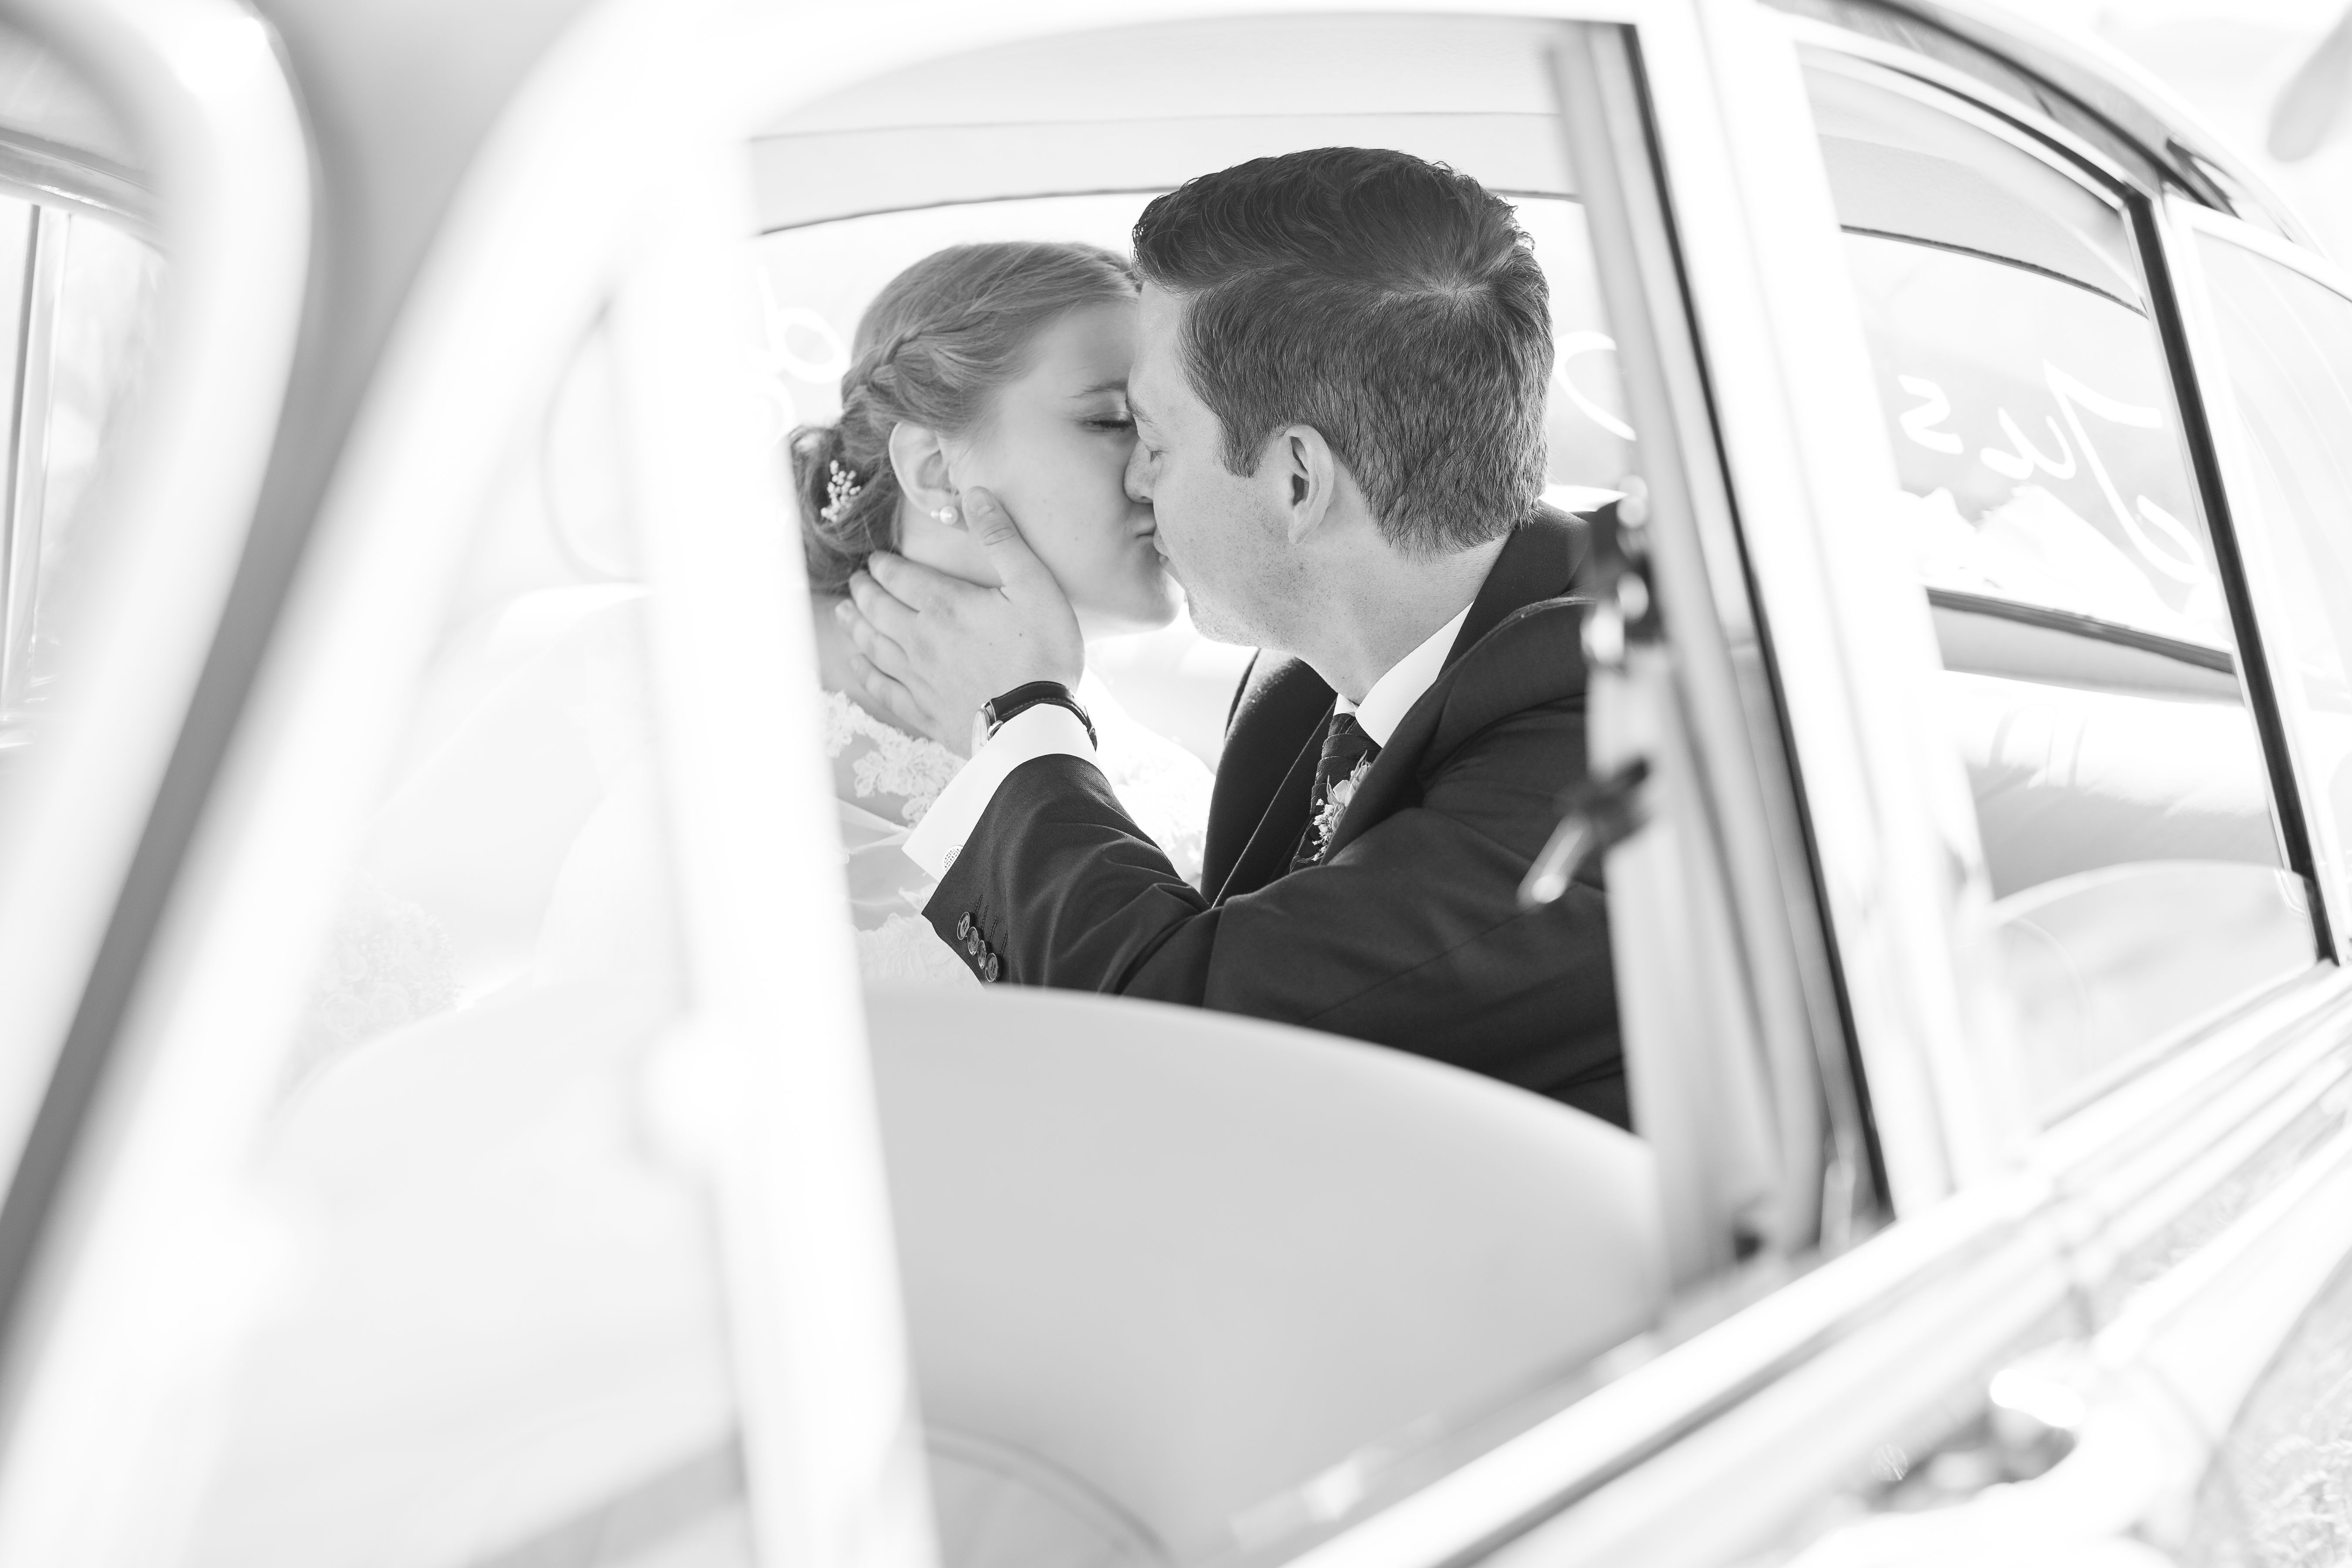 Simone Kellner Photography Heirat Koblenz Hochzeit Wehr Hochzeitsportraits Hochzeit Hochzeitsfotografie